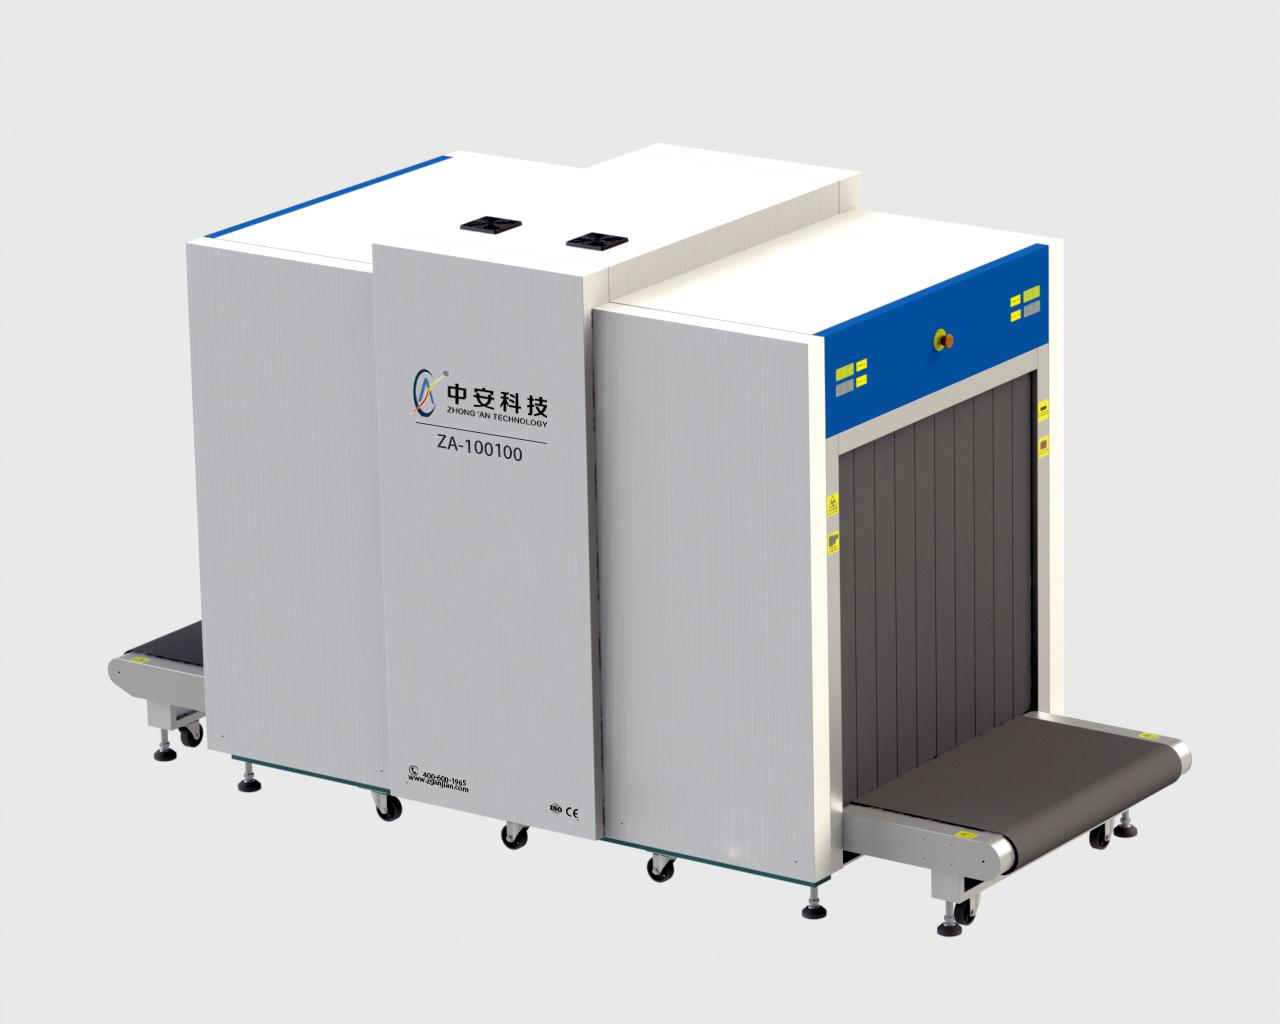 中安JYJ-100100通道式x光安检机